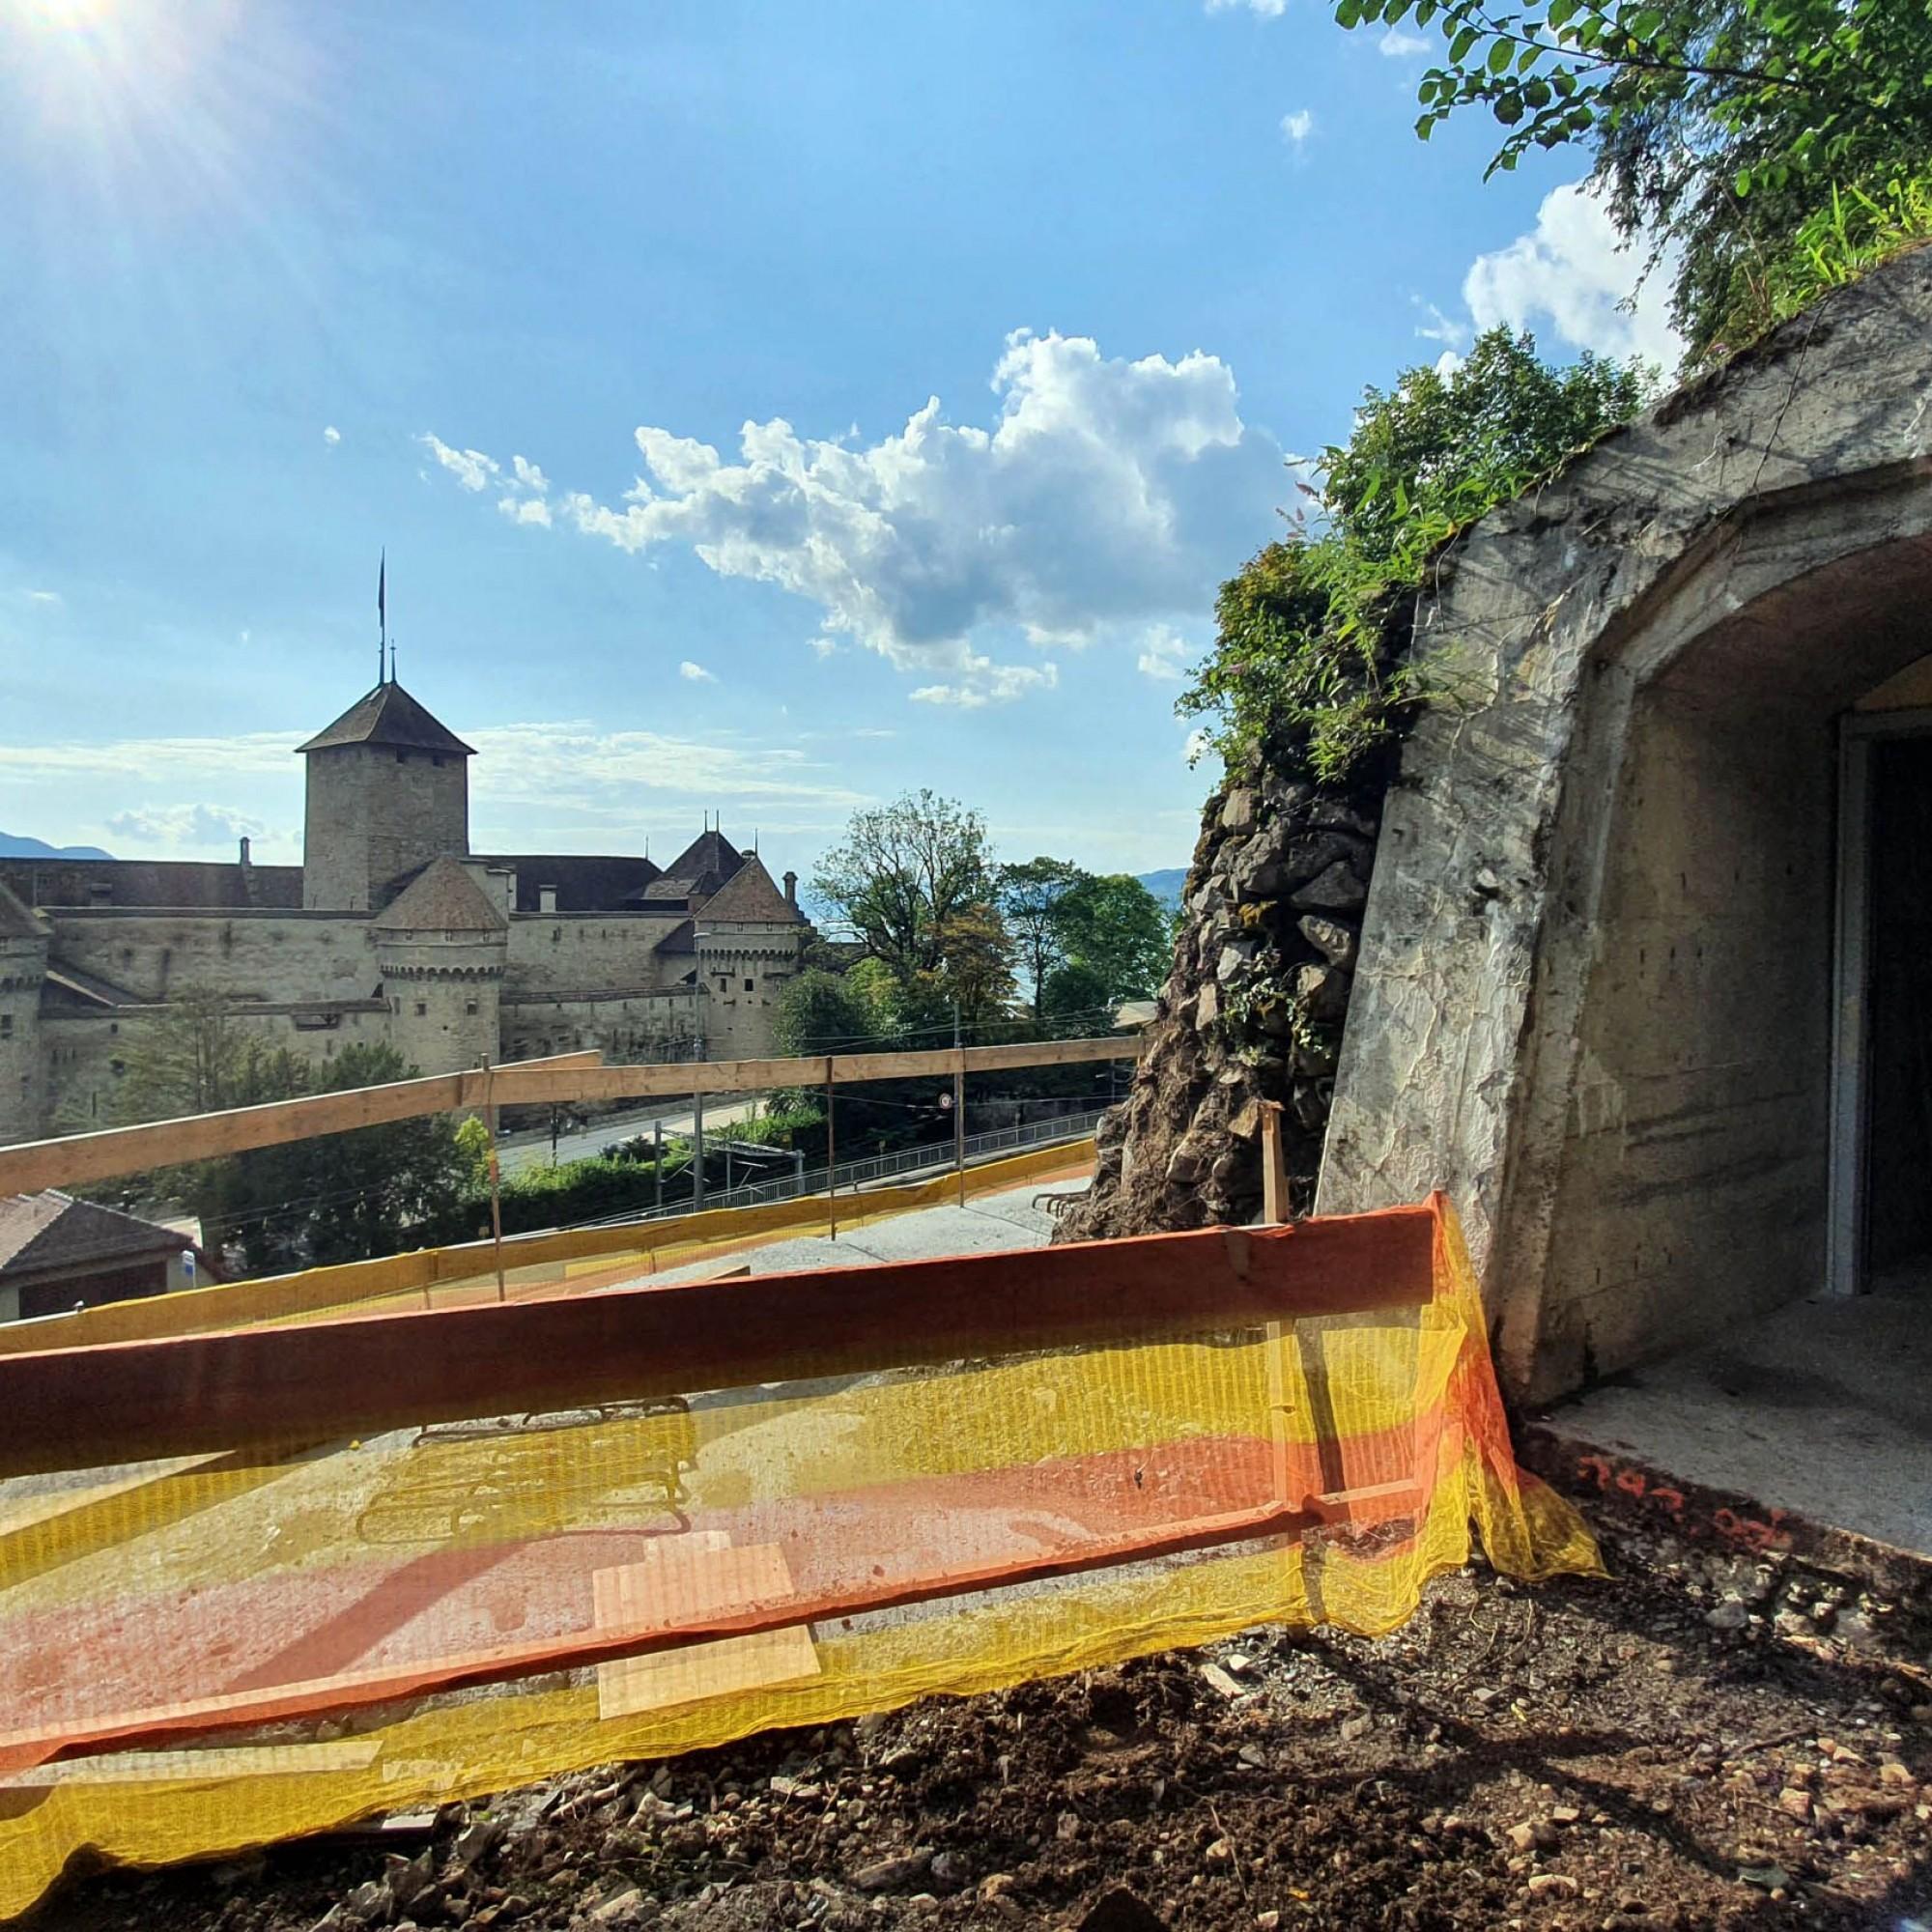 Fort de Chillon- Classé top secret - Souterrains - Réduit national suisse